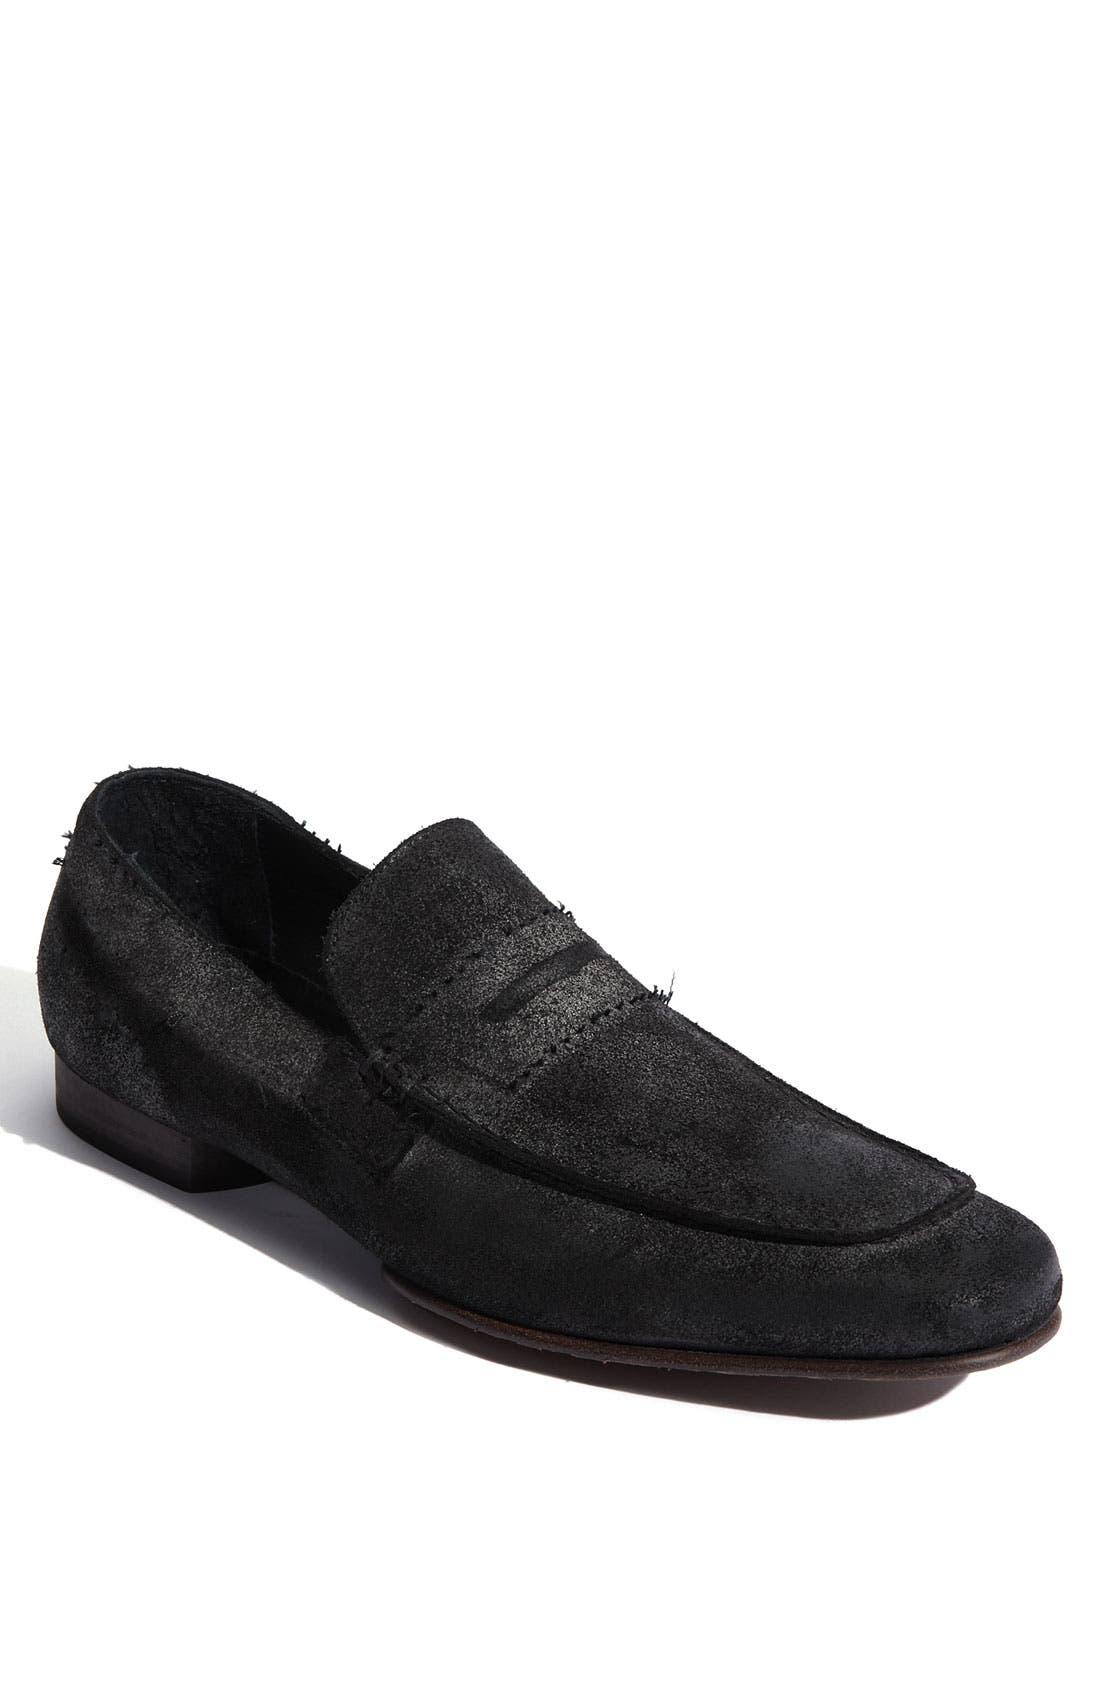 Alternate Image 1 Selected - Donald J Pliner 'Virge' Leather Loafer